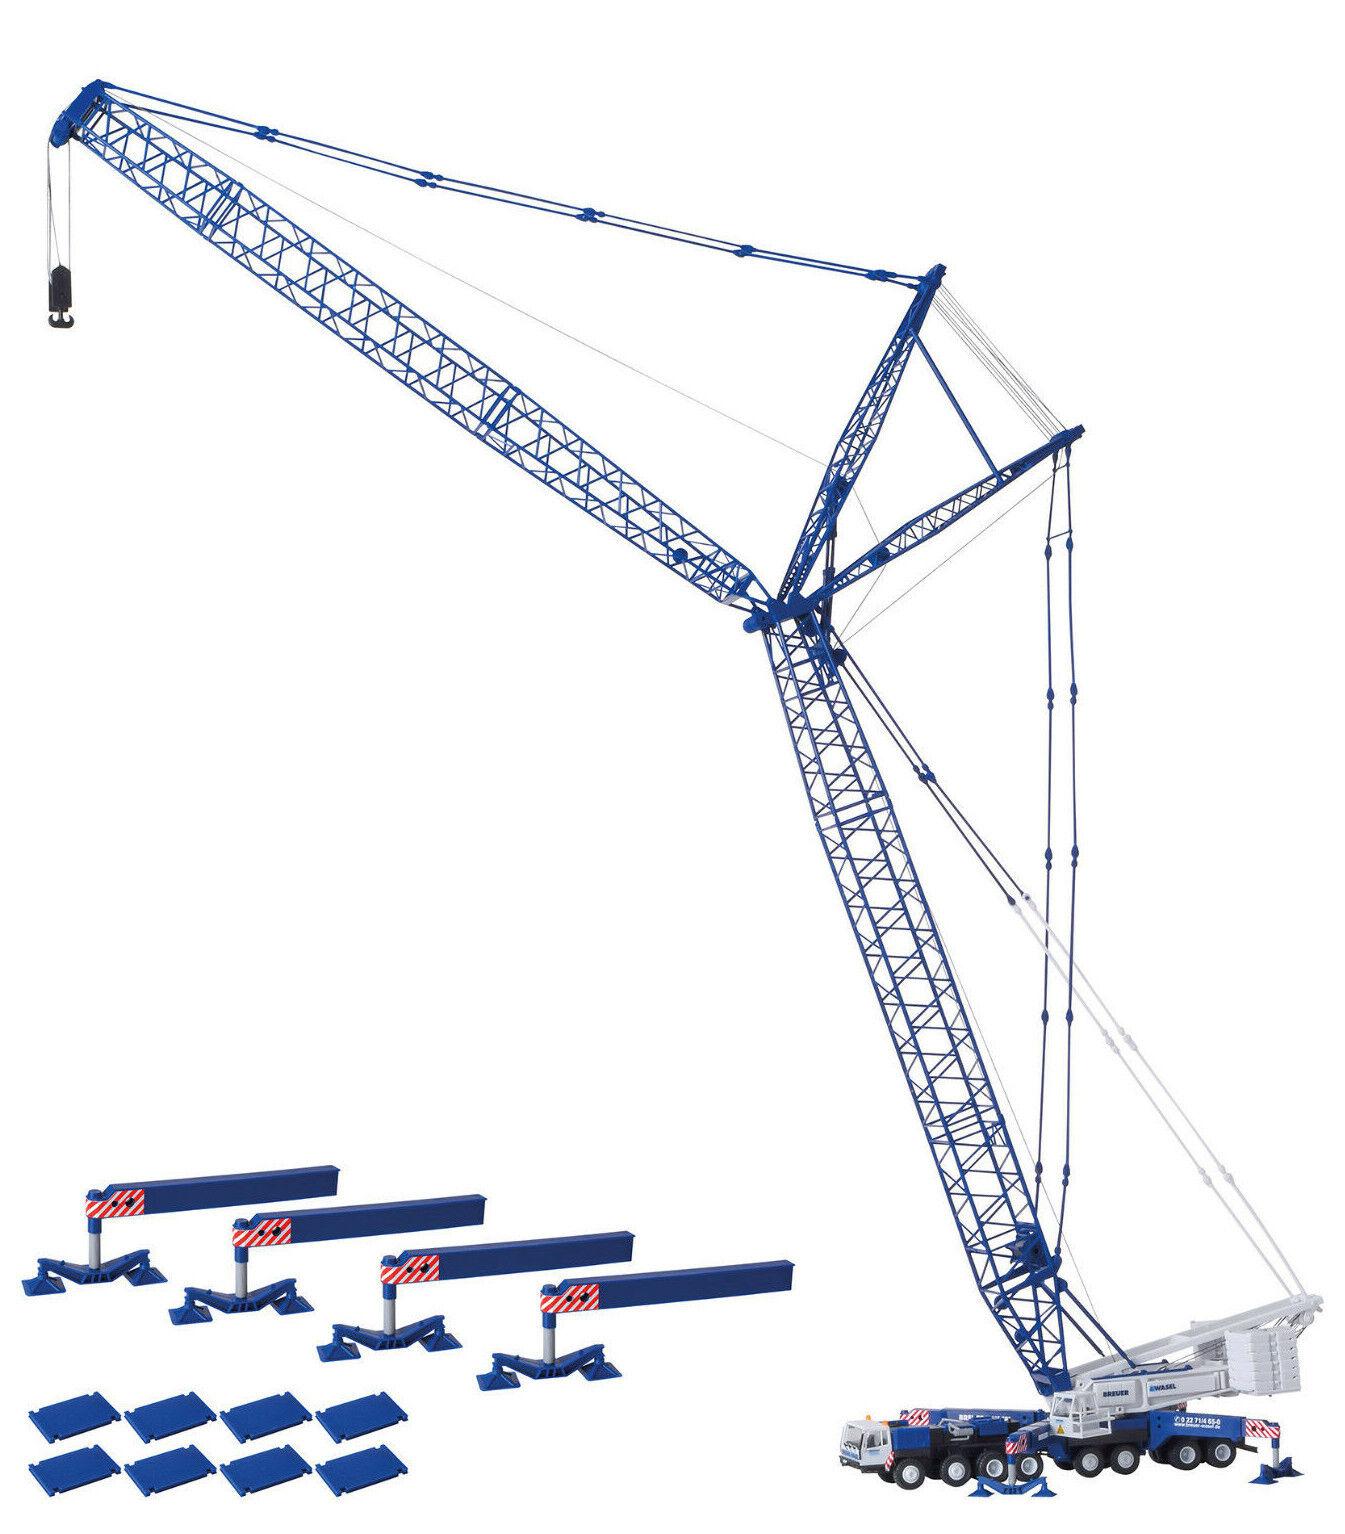 Kibri 13061 Liebherr Lg 1550 Breuer & Wasel , Kit Construcción, H0, Novedad